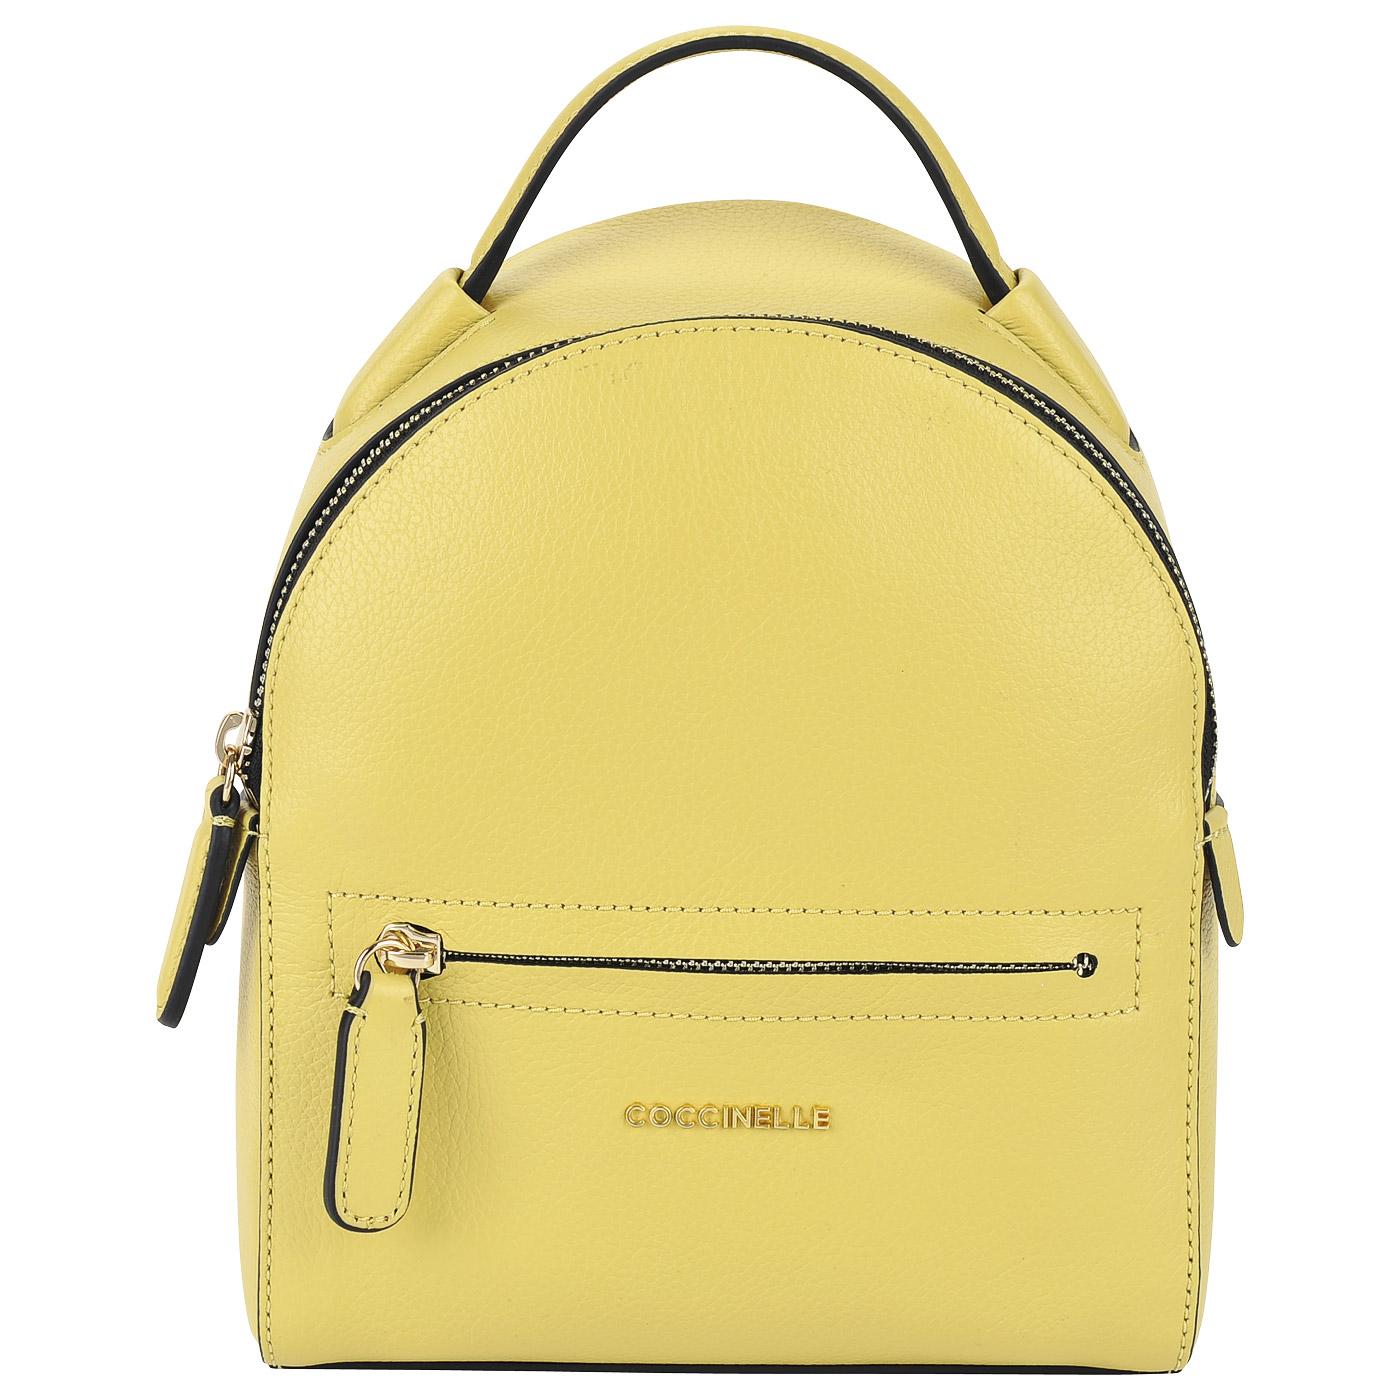 303492b32776 Маленький женский рюкзак из натуральной кожи Coccinelle Clementine soft ...